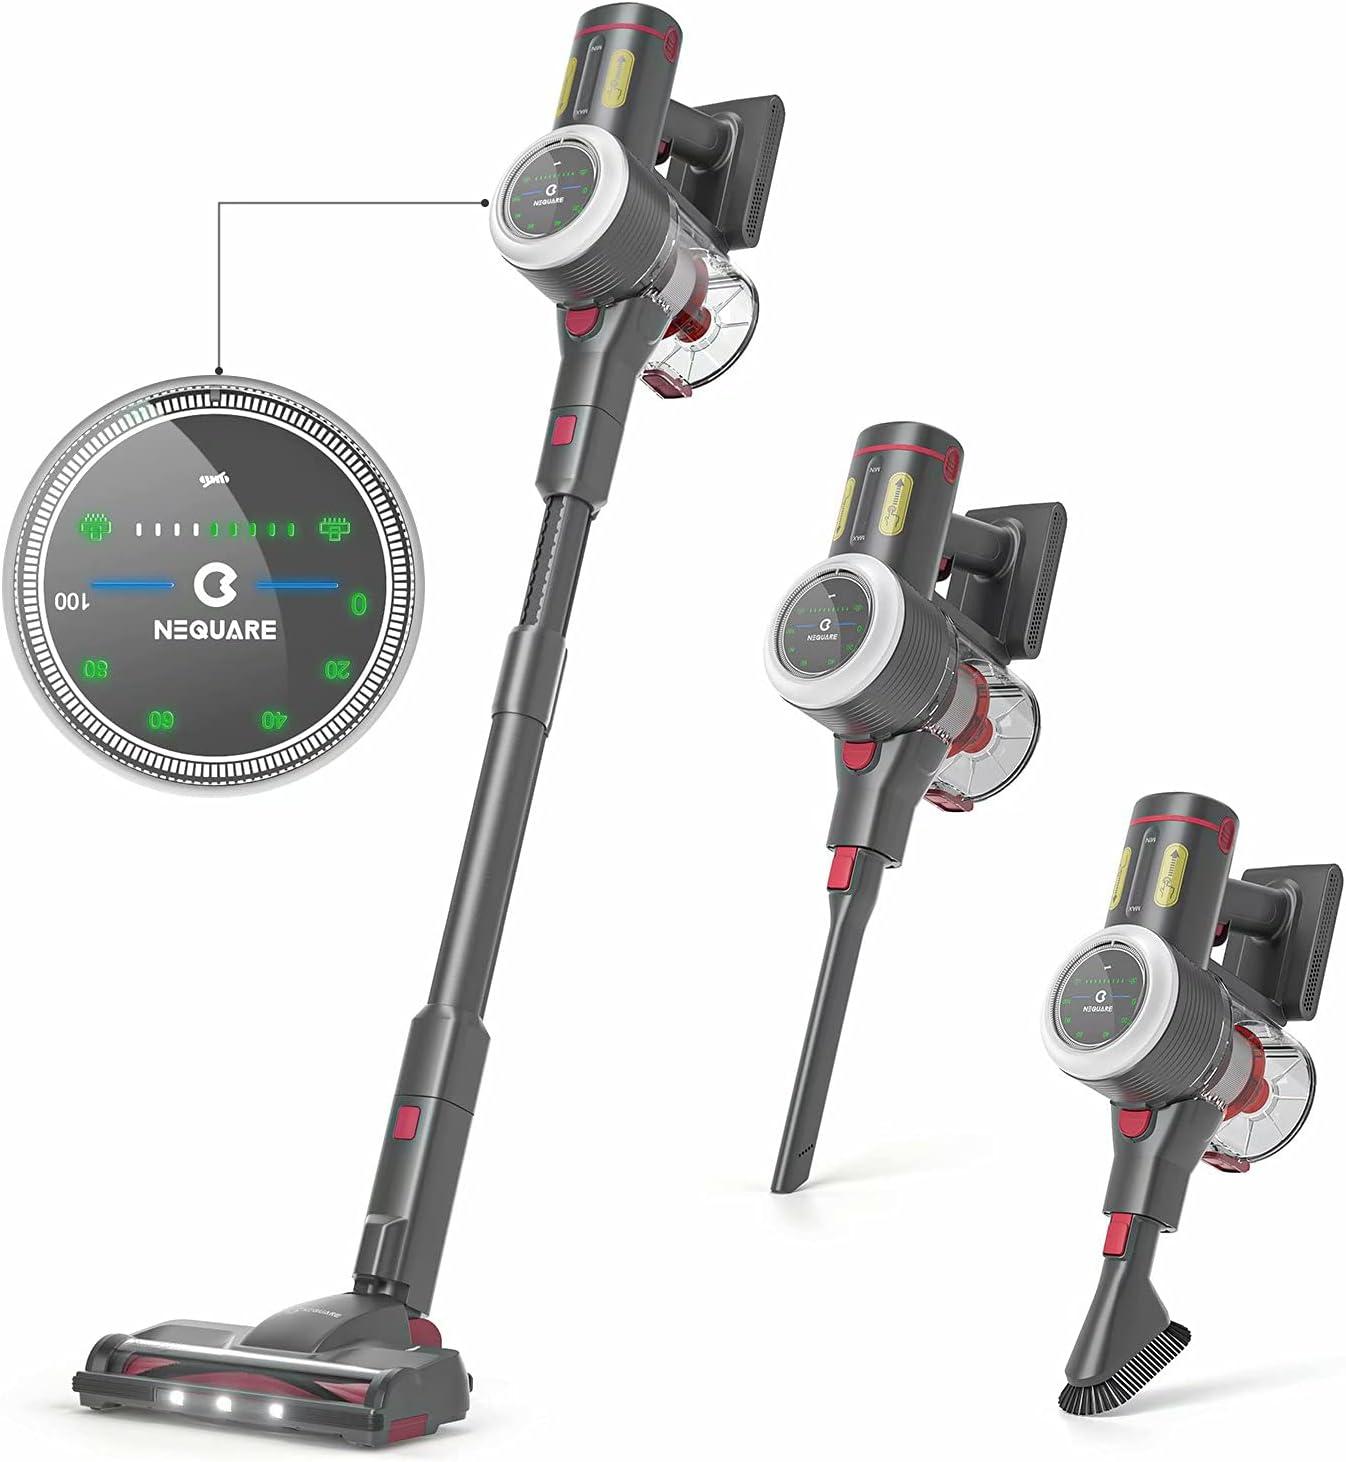 NEQUARE Cordless Vacuum Stick Vacuum Cleaner